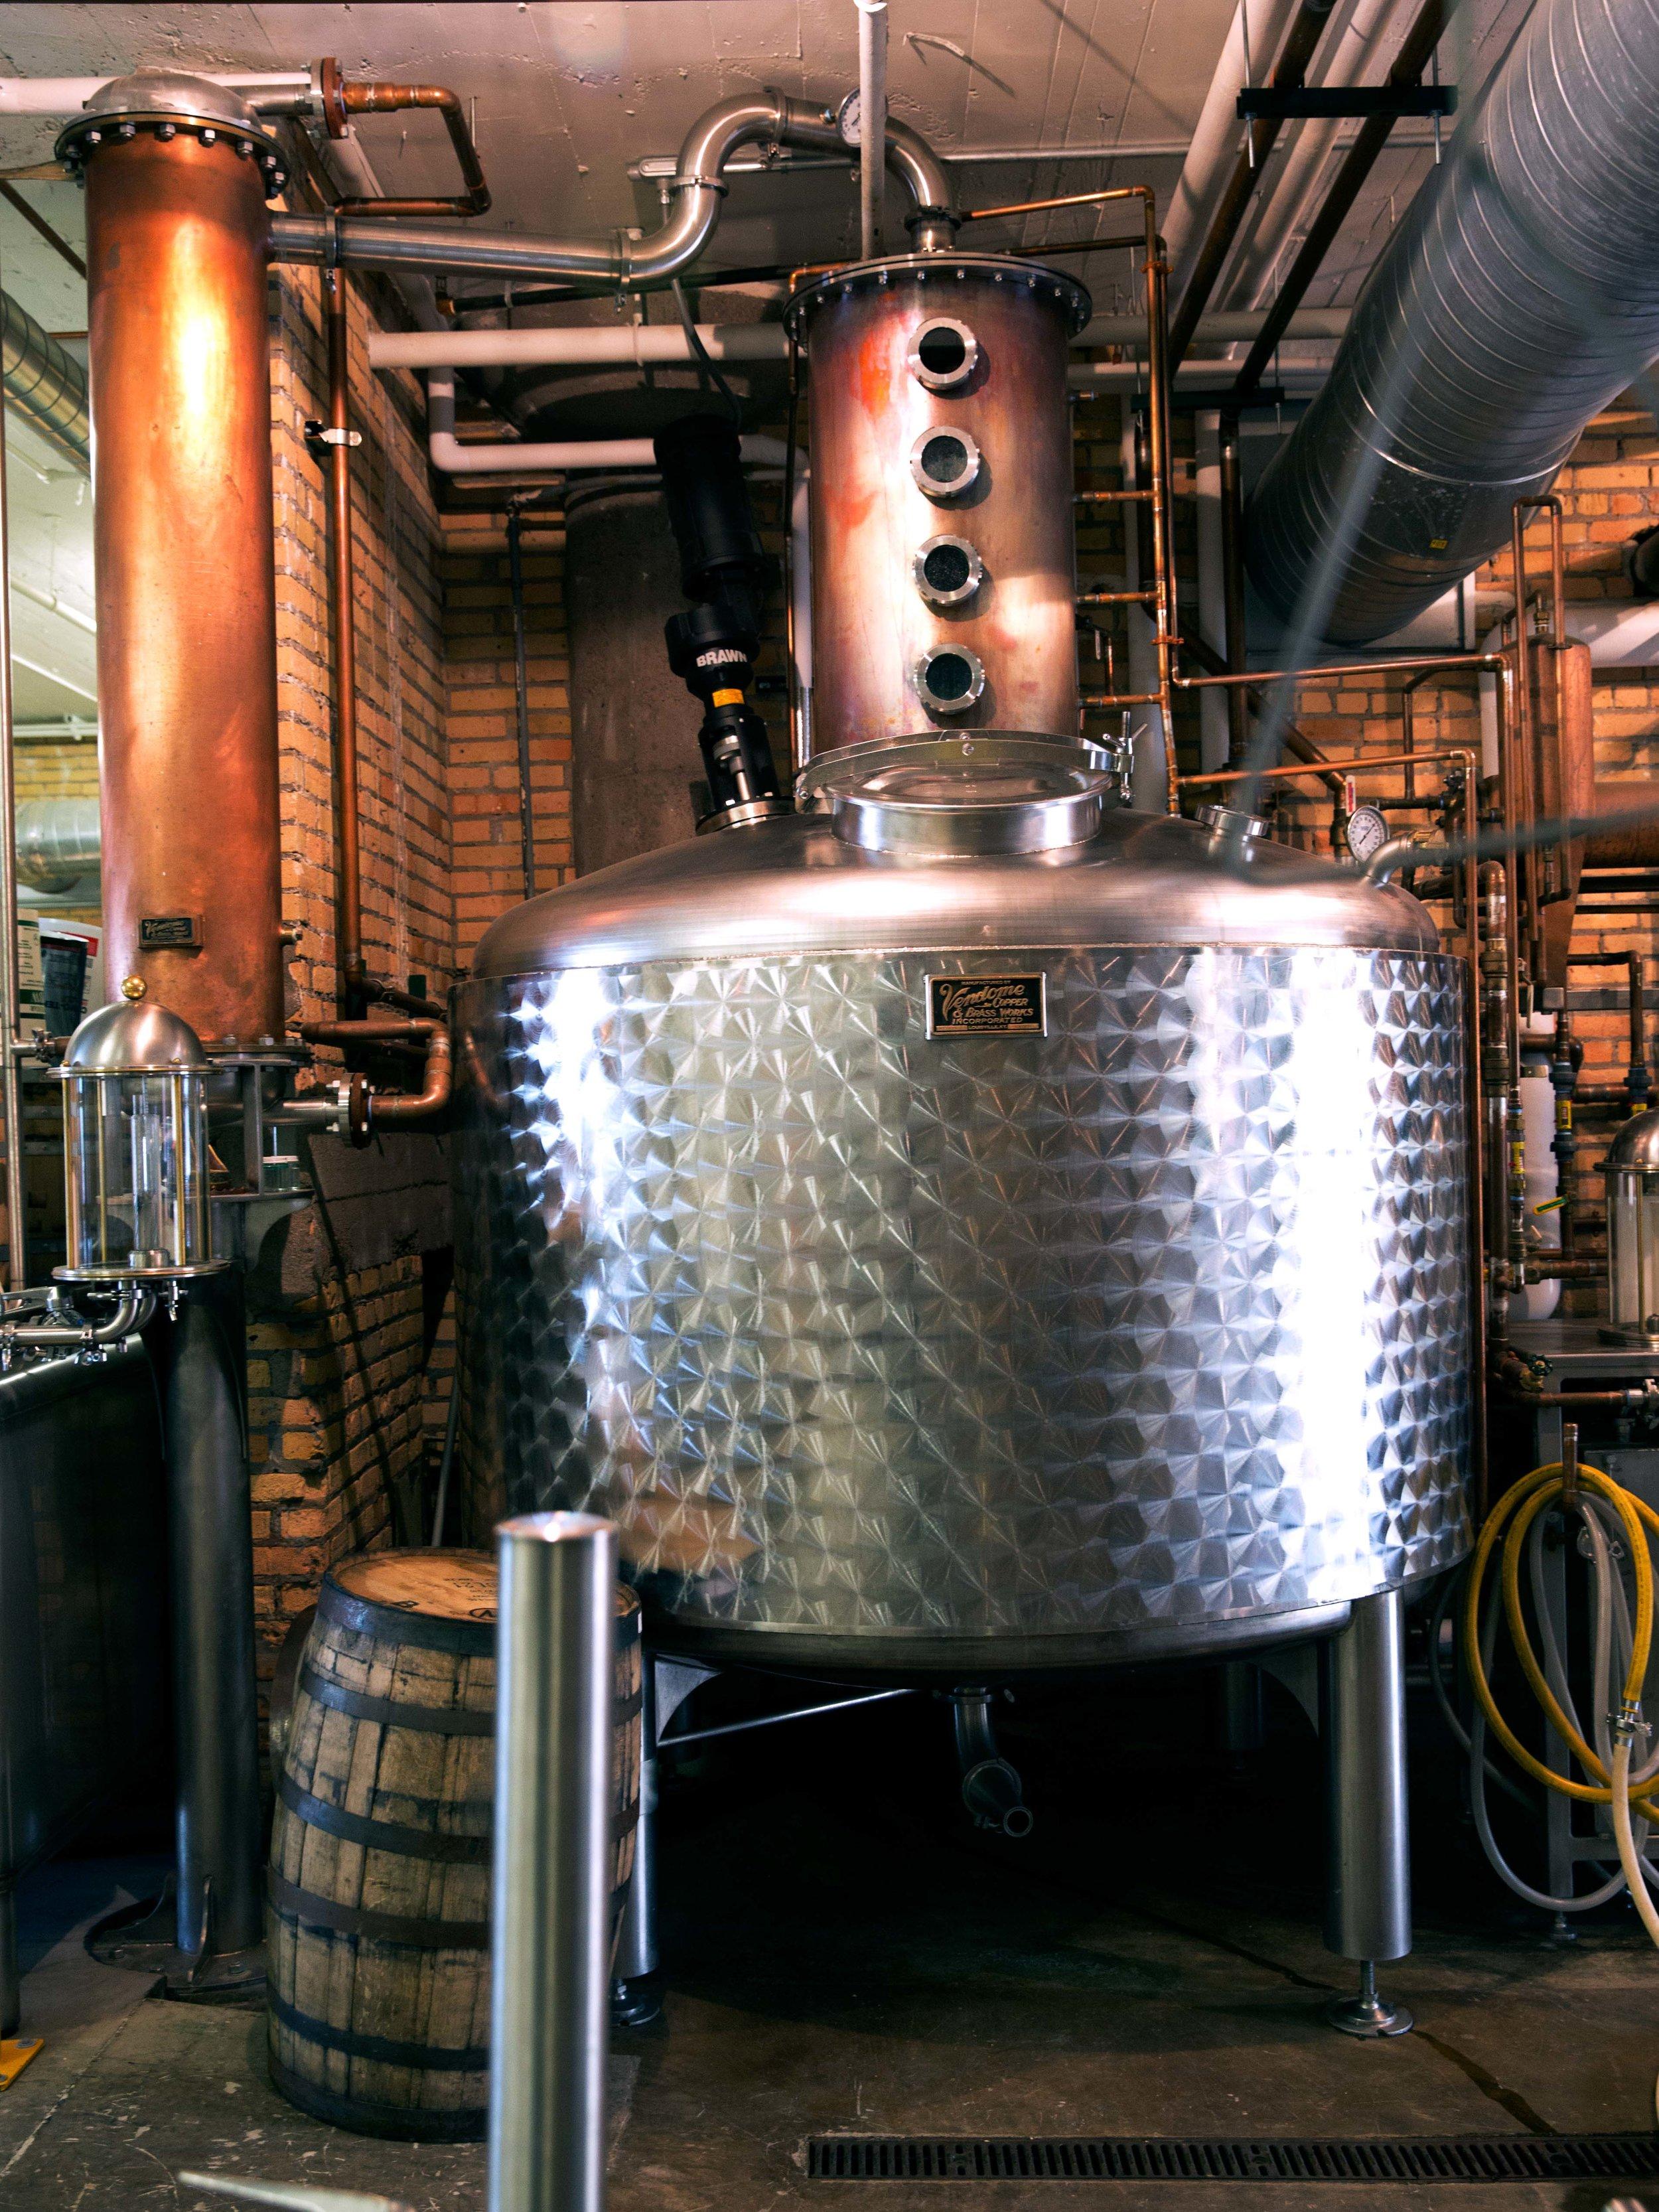 vikre_distillery_2018-08-16 21.30.55.jpg